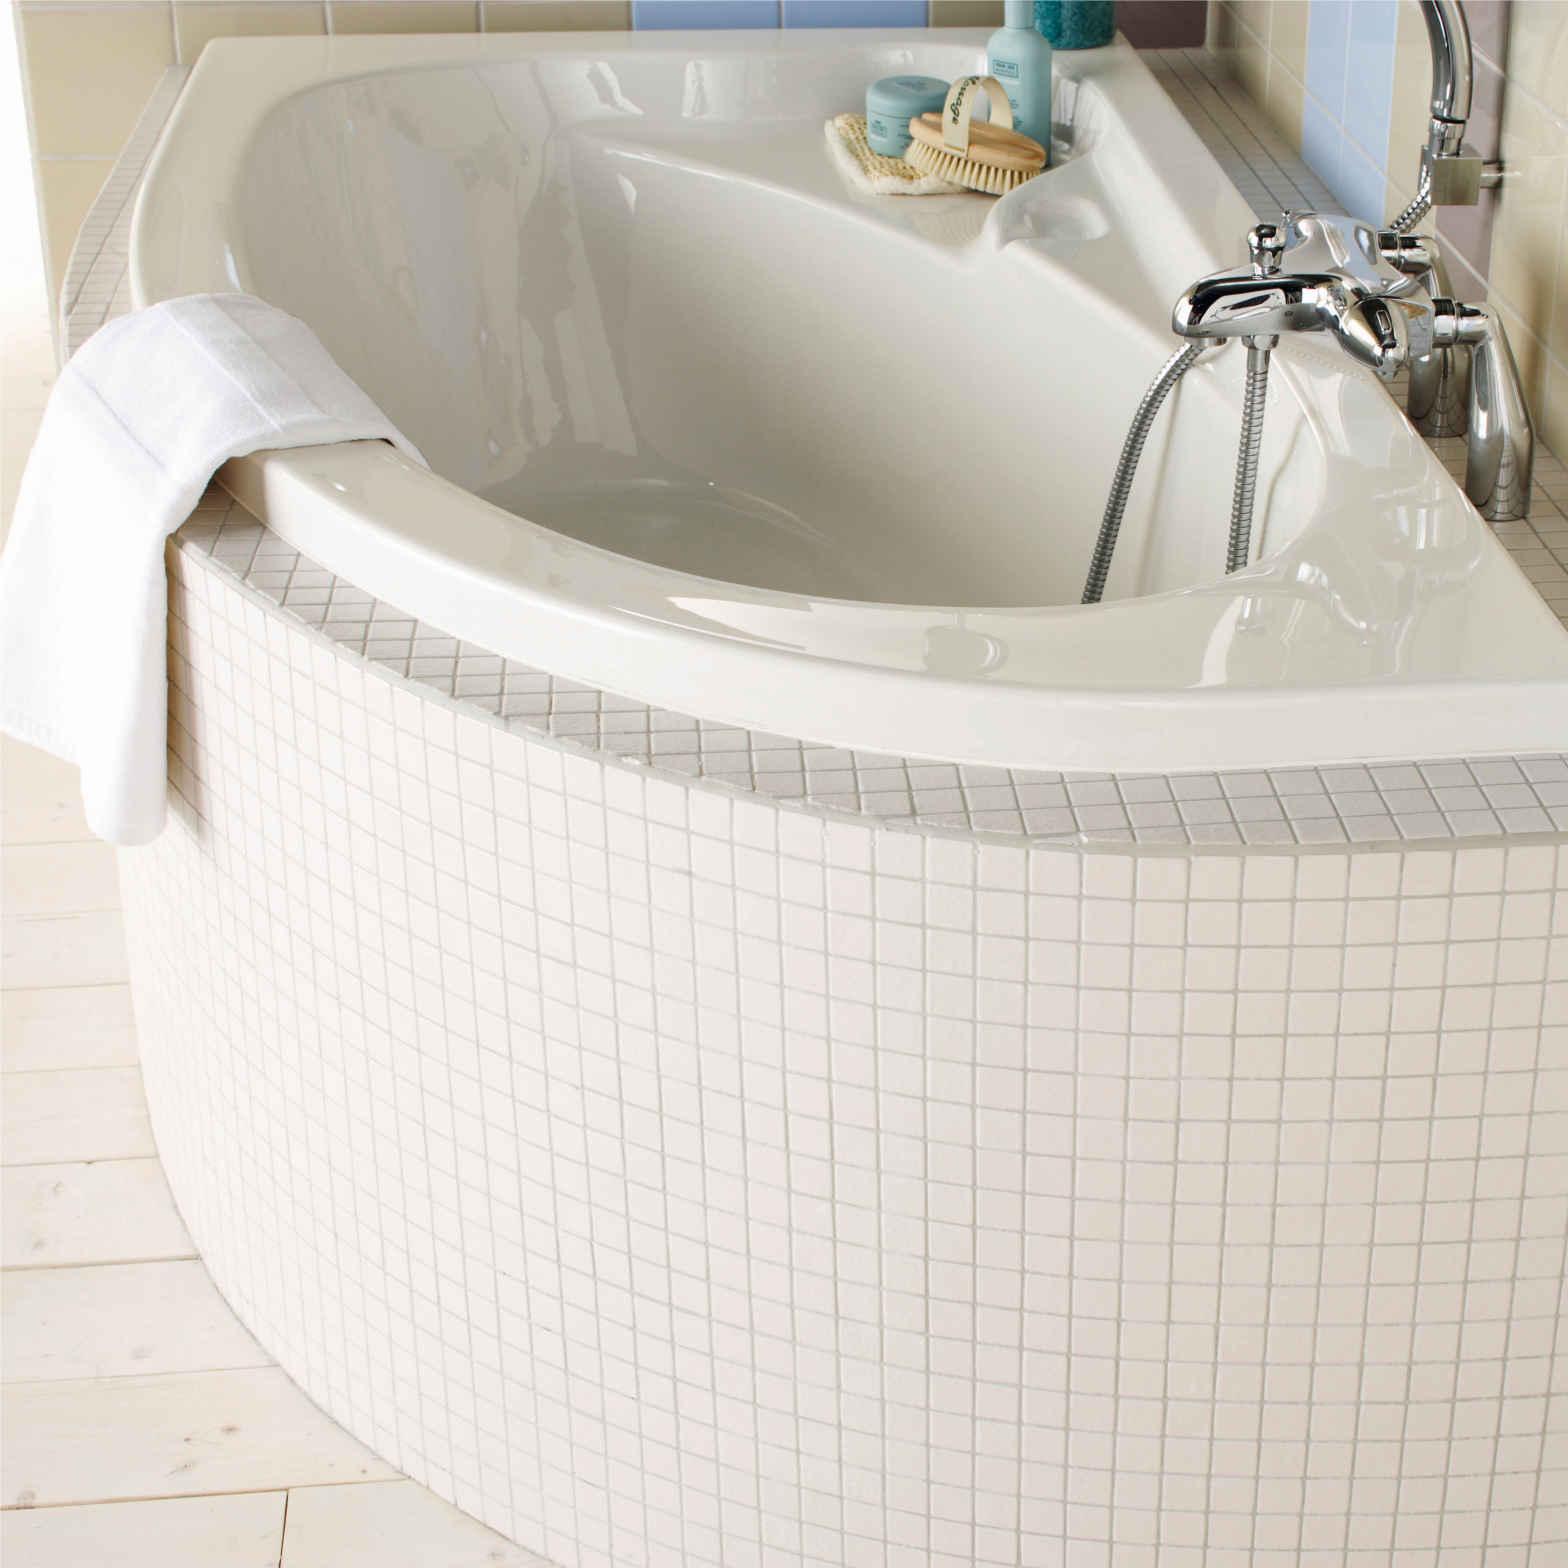 Baignoire leroy merlin ilot porte de baignoire leroy - Vitre pour baignoire ...